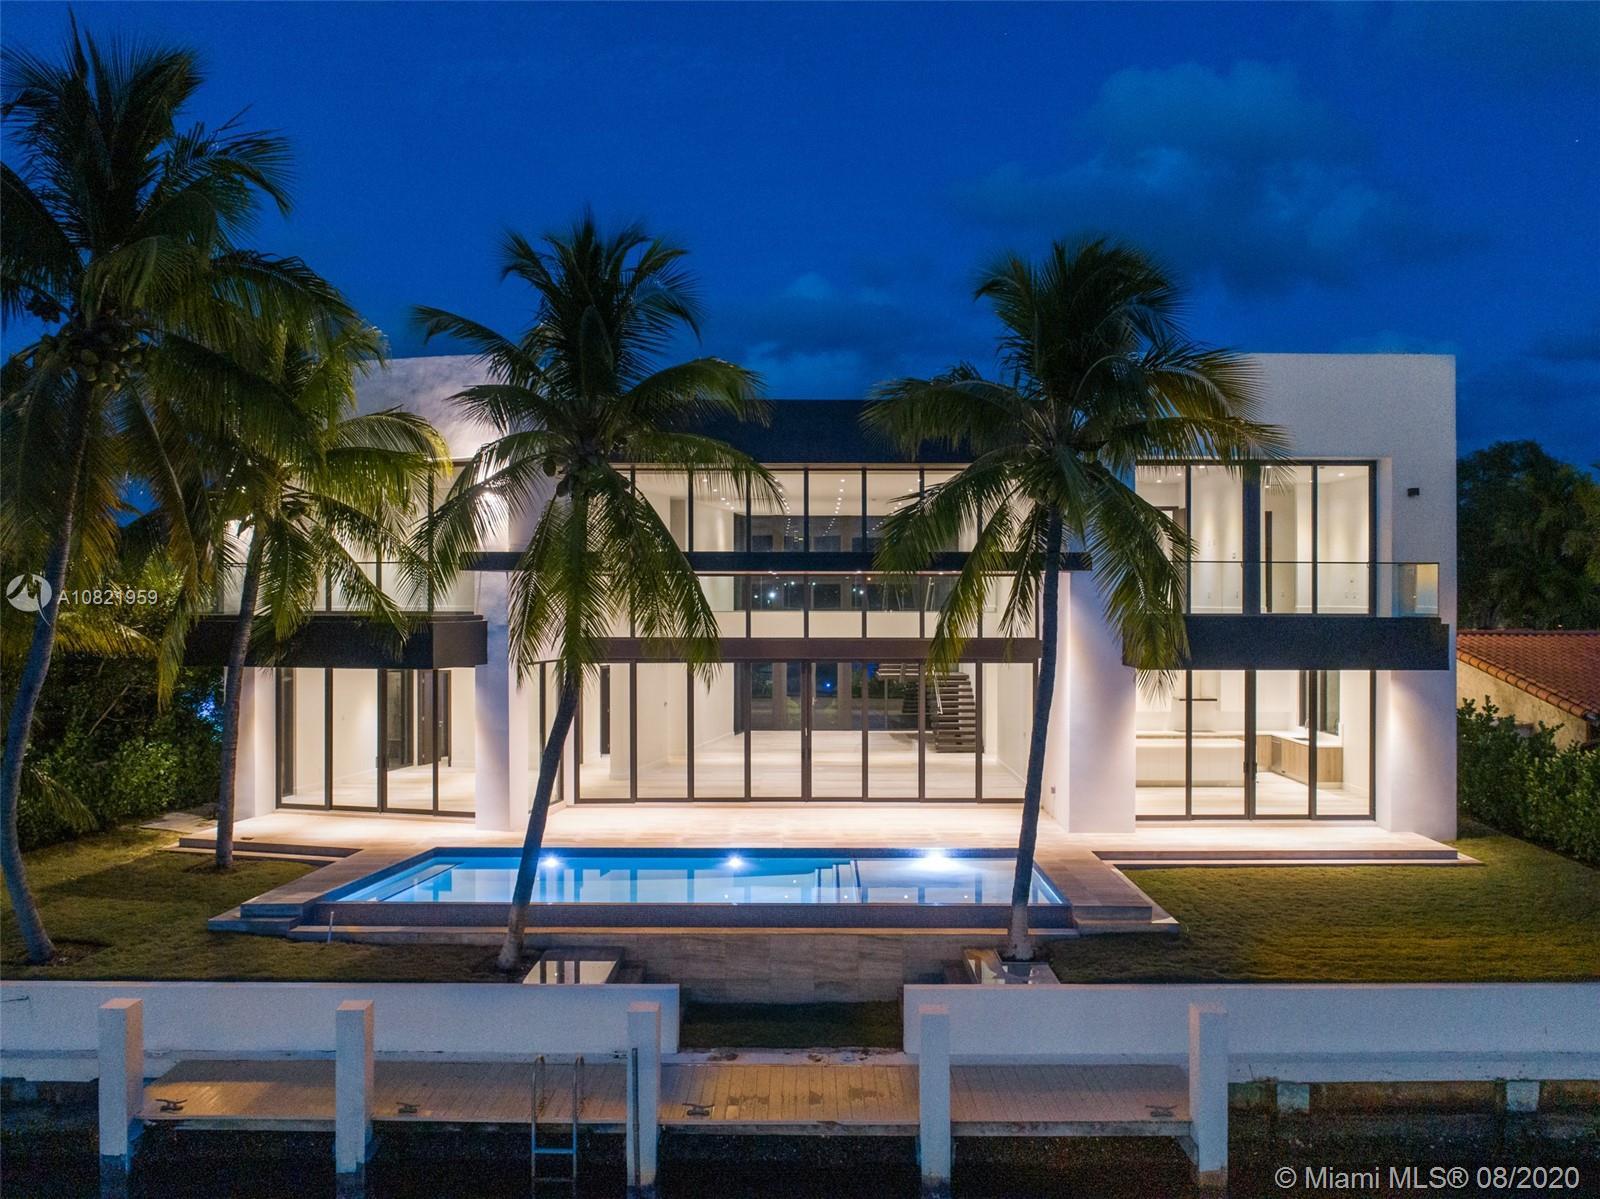 North Miami Beach - 16470 NE 30th Ave, North Miami Beach, FL 33160